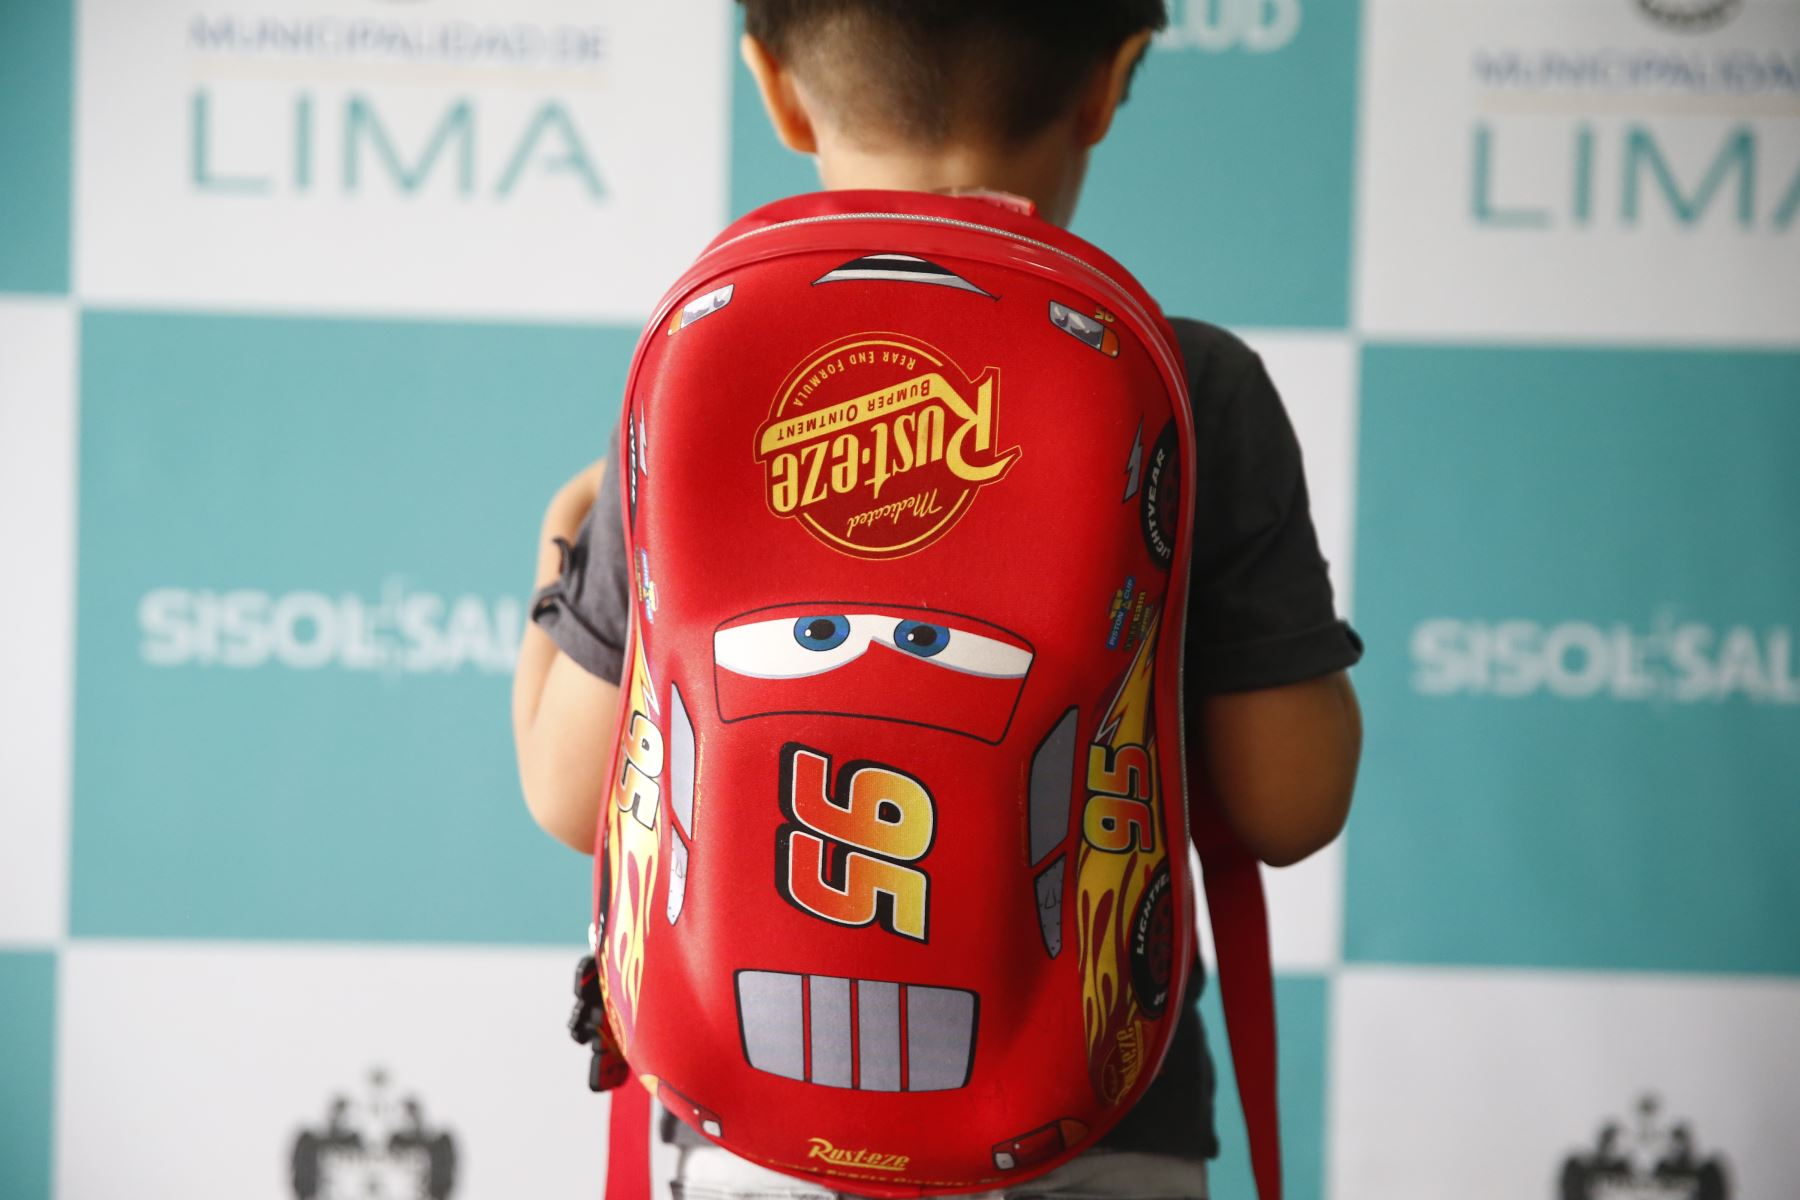 La mochila no debe exceder el 10% del peso corporal del niño. Foto: ANDINA/Jhonel Rodríguez Robles